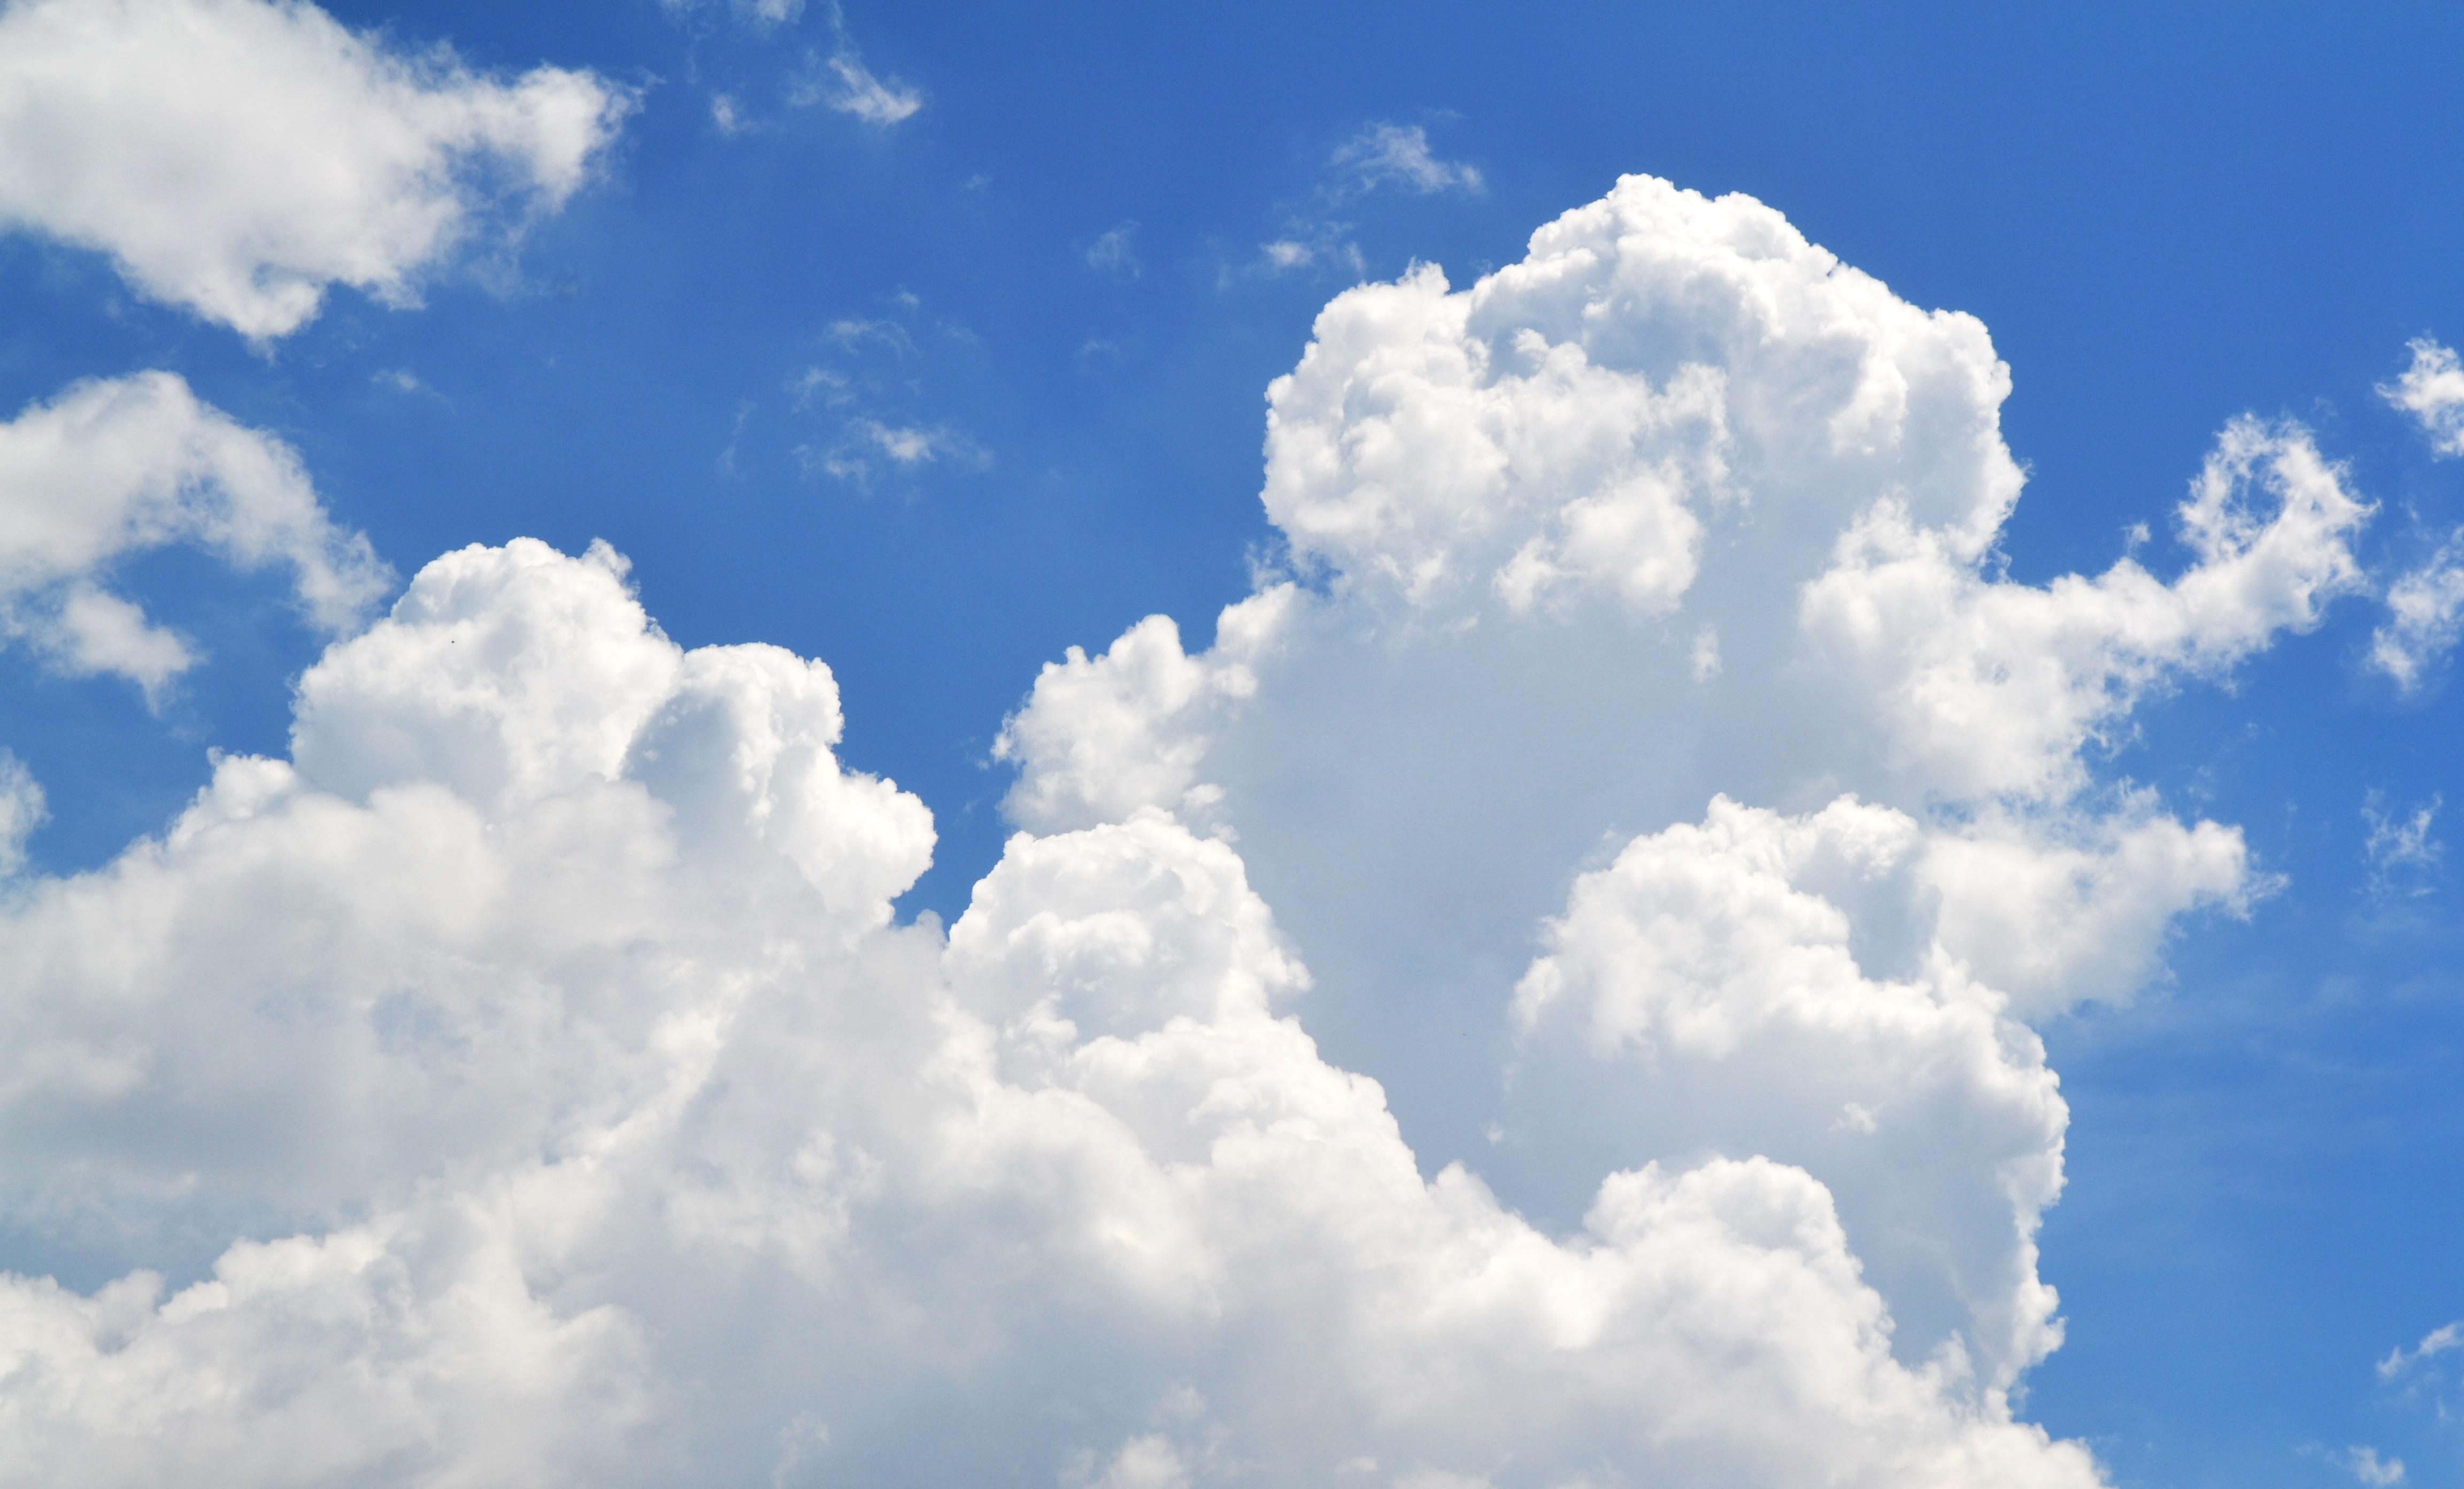 Hình Ảnh : Đám Mây, Bầu Trời, Ánh Sáng Mặt Trời, Không Khí, Ban Ngày,  Cumulus, Màu Xanh Da Trời, Tra Cứu, Trời Xanh, Mây Trắng, Tính Chất, Hiện  Tượng Khí ...